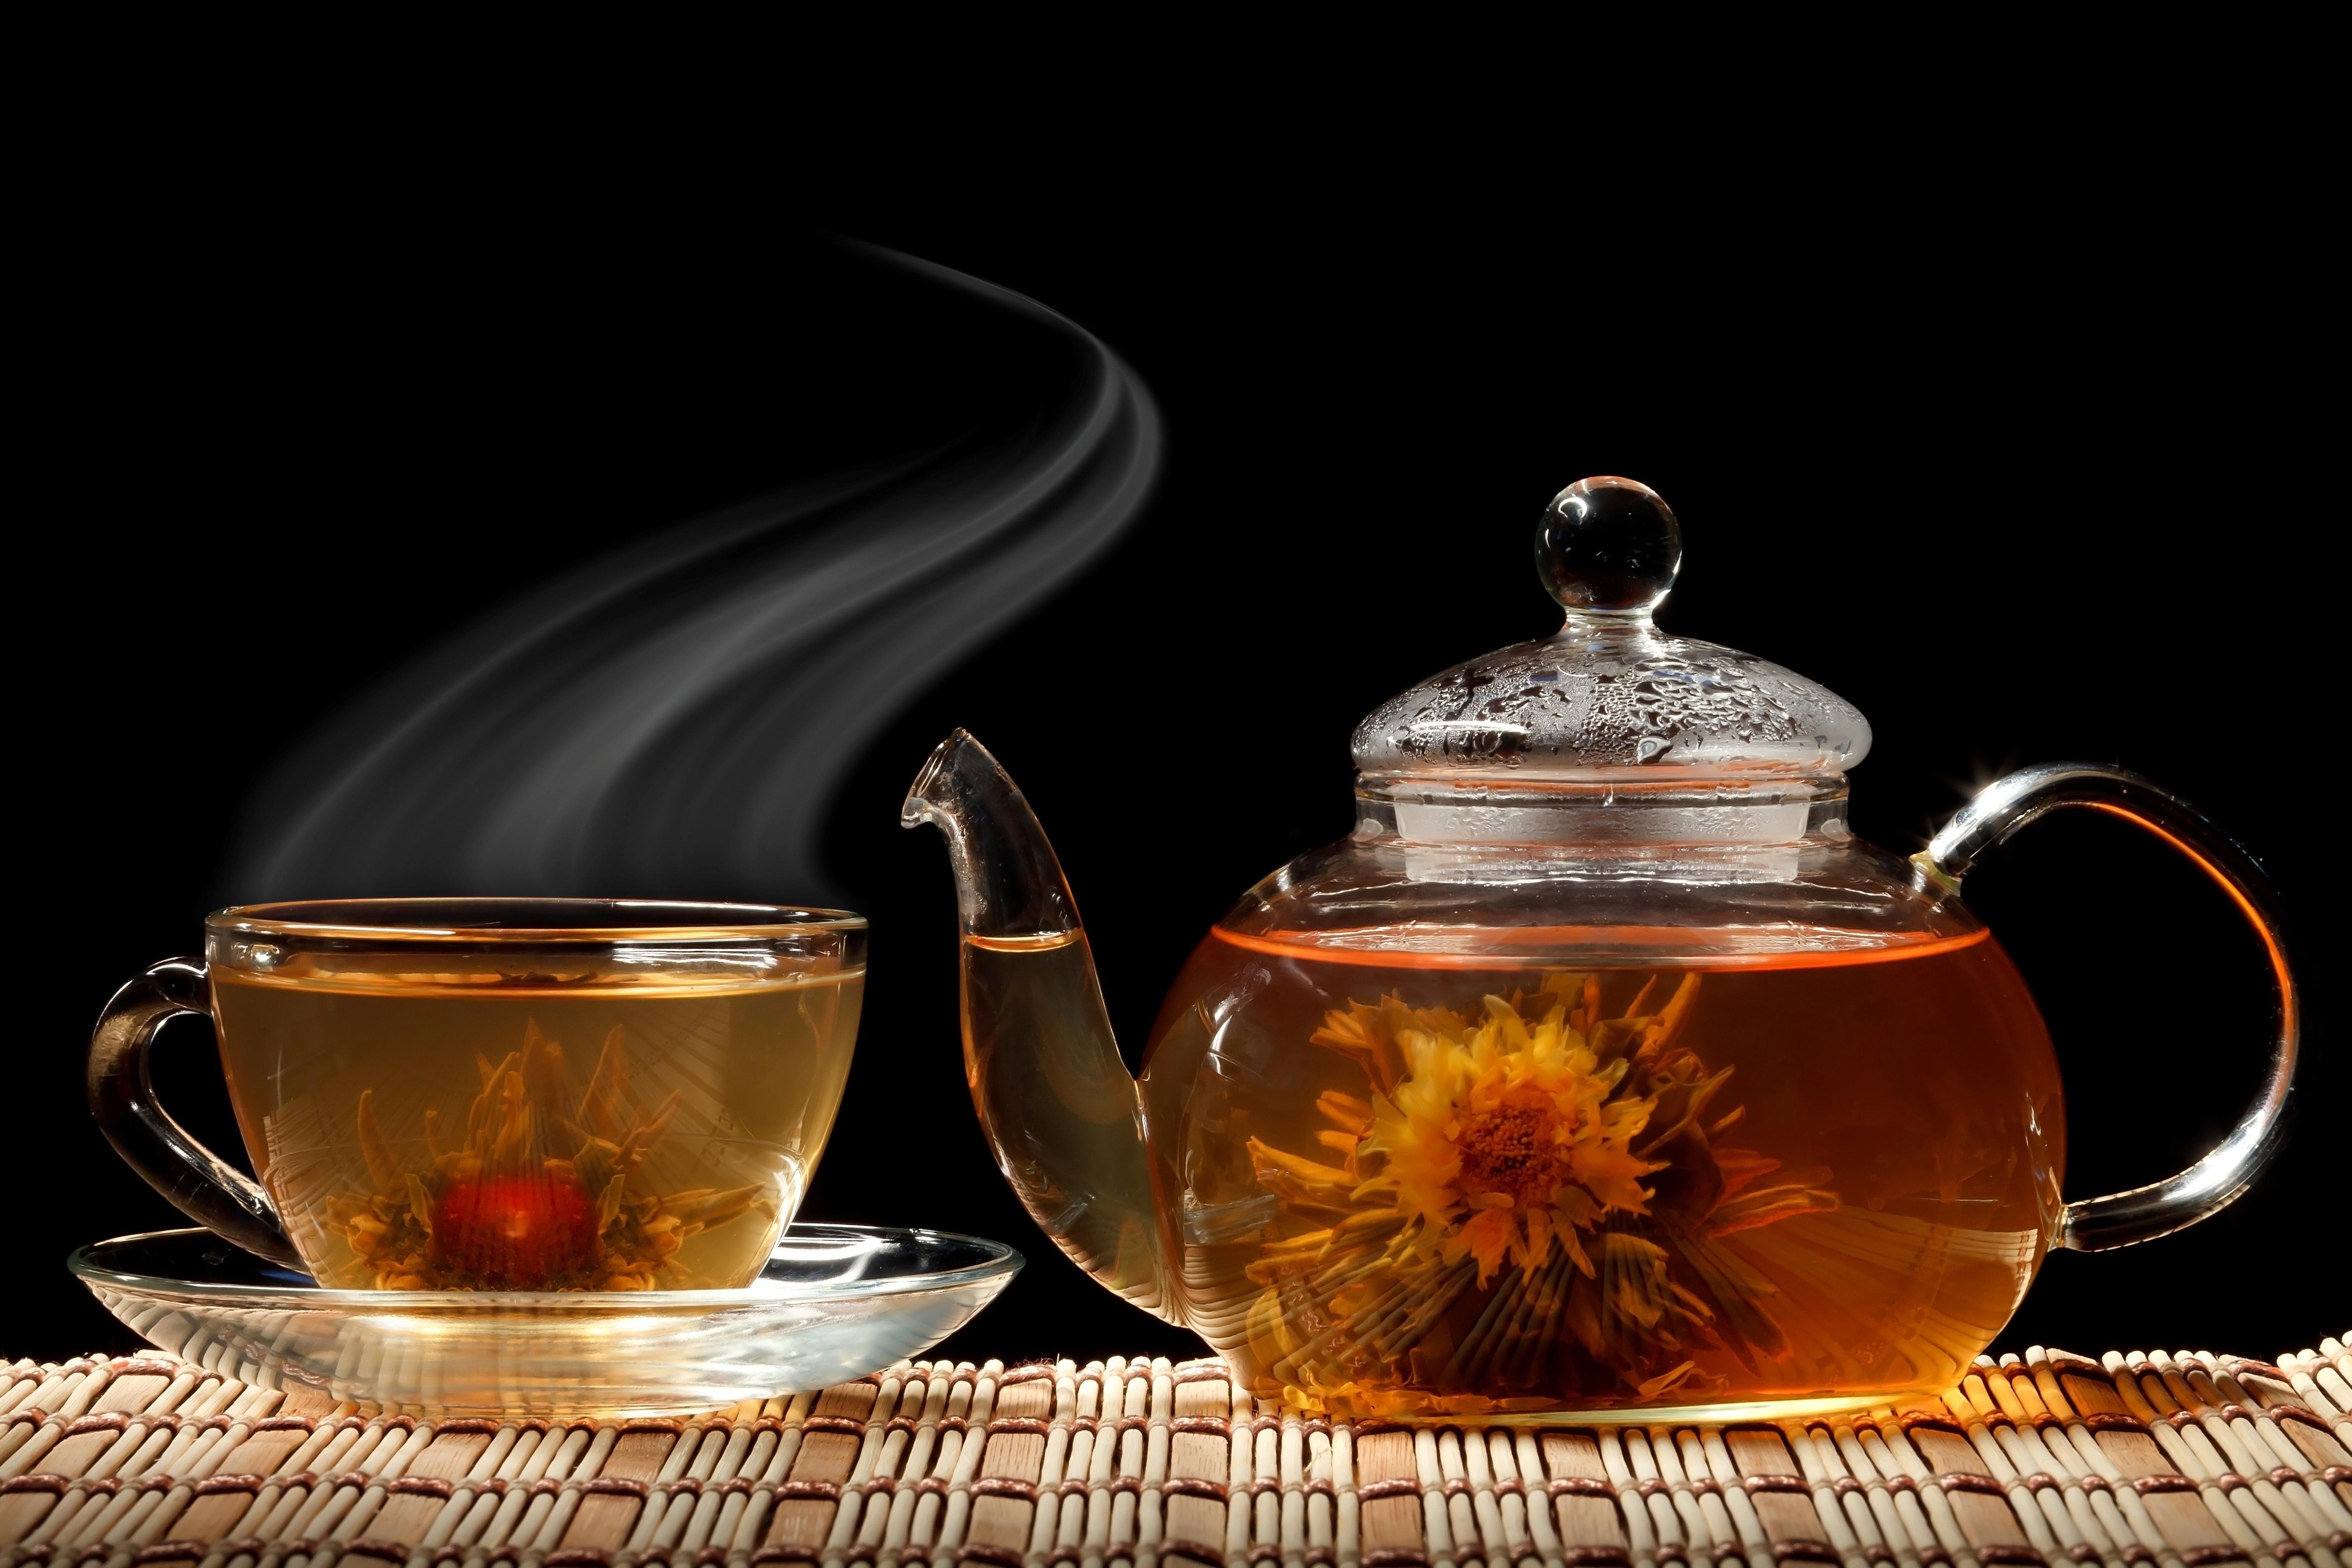 Картинки красивые с чаем, работе картинка